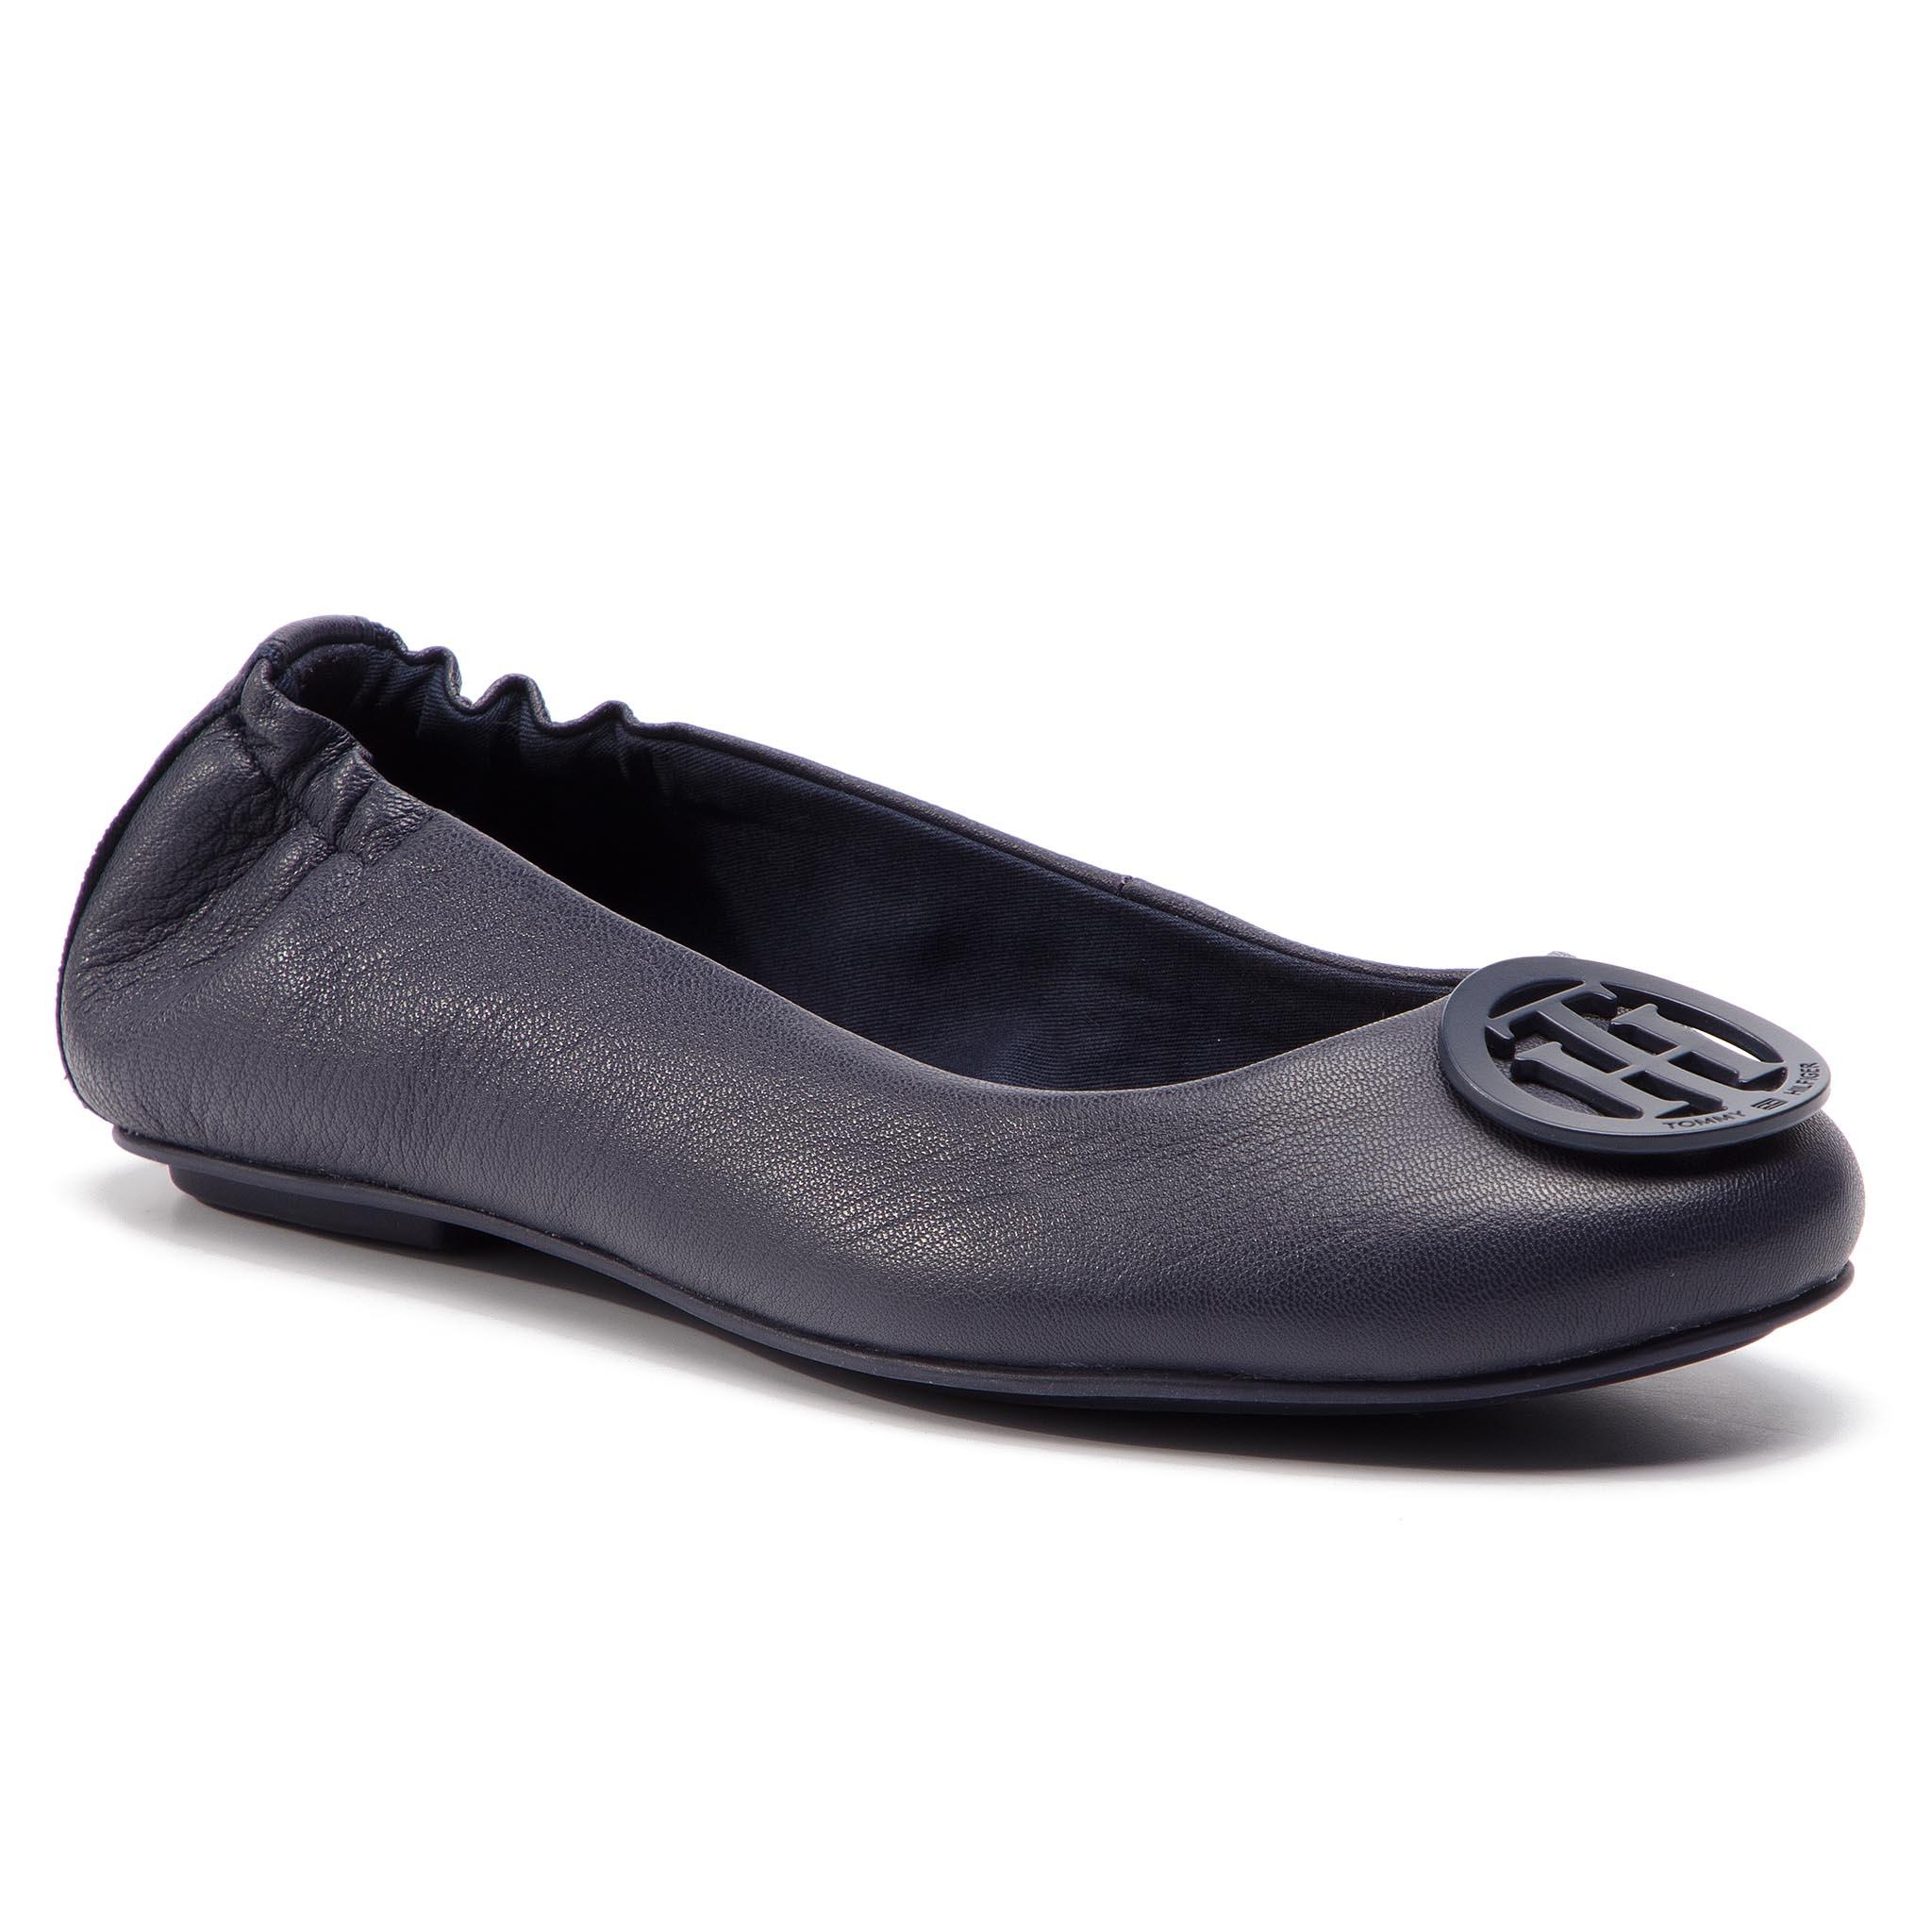 TOMMY HILFIGER Flexible Leather Balerina FW0FW04073 - Glami.cz 4a061b5602